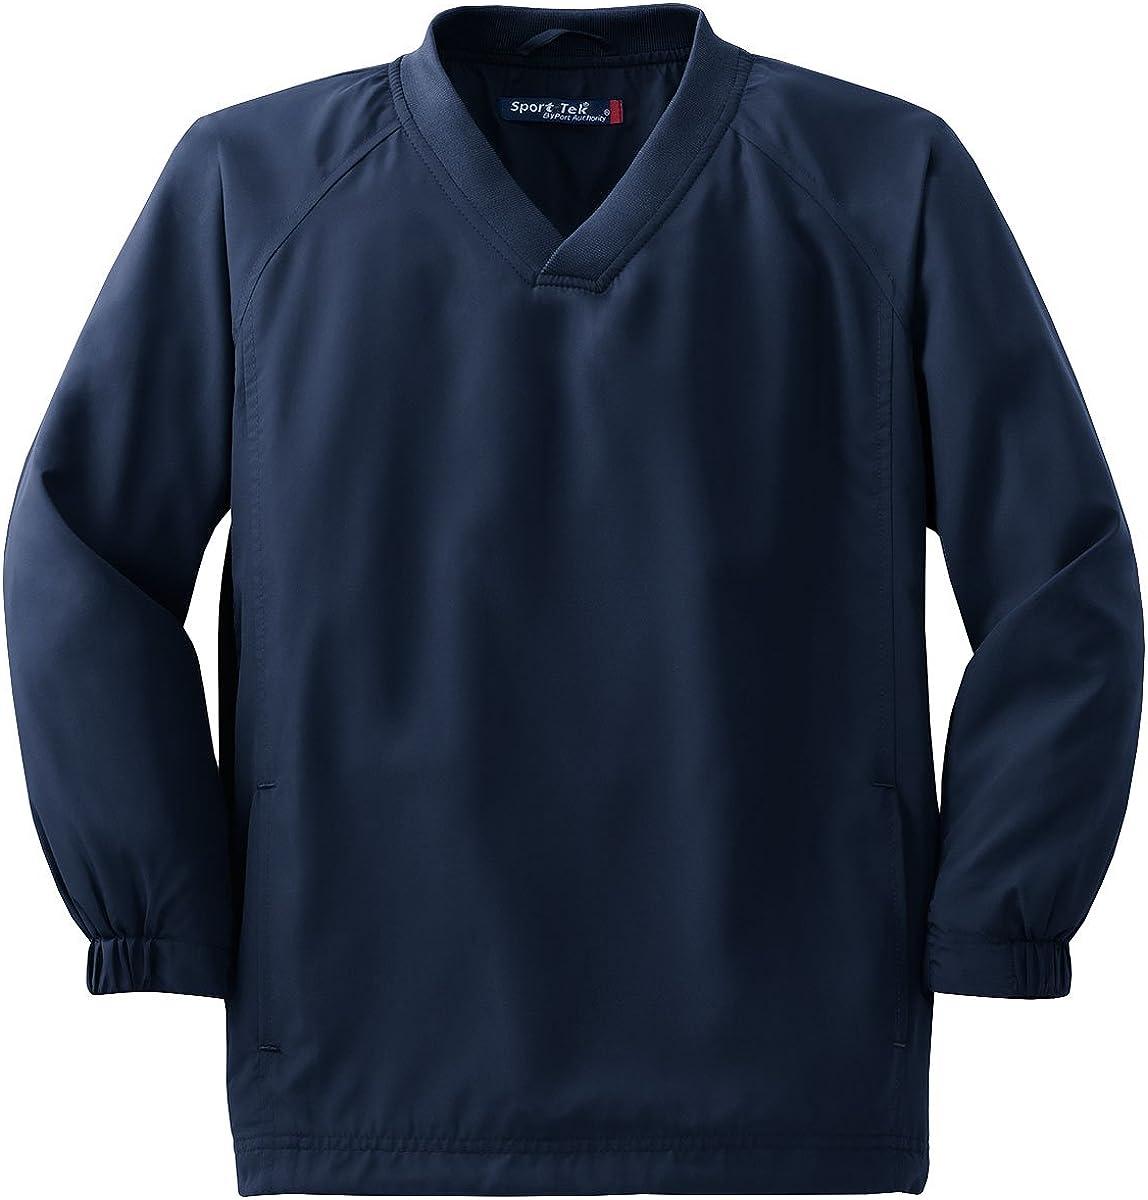 YST72 Youth V-Neck Raglan Wind Shirt True Navy S